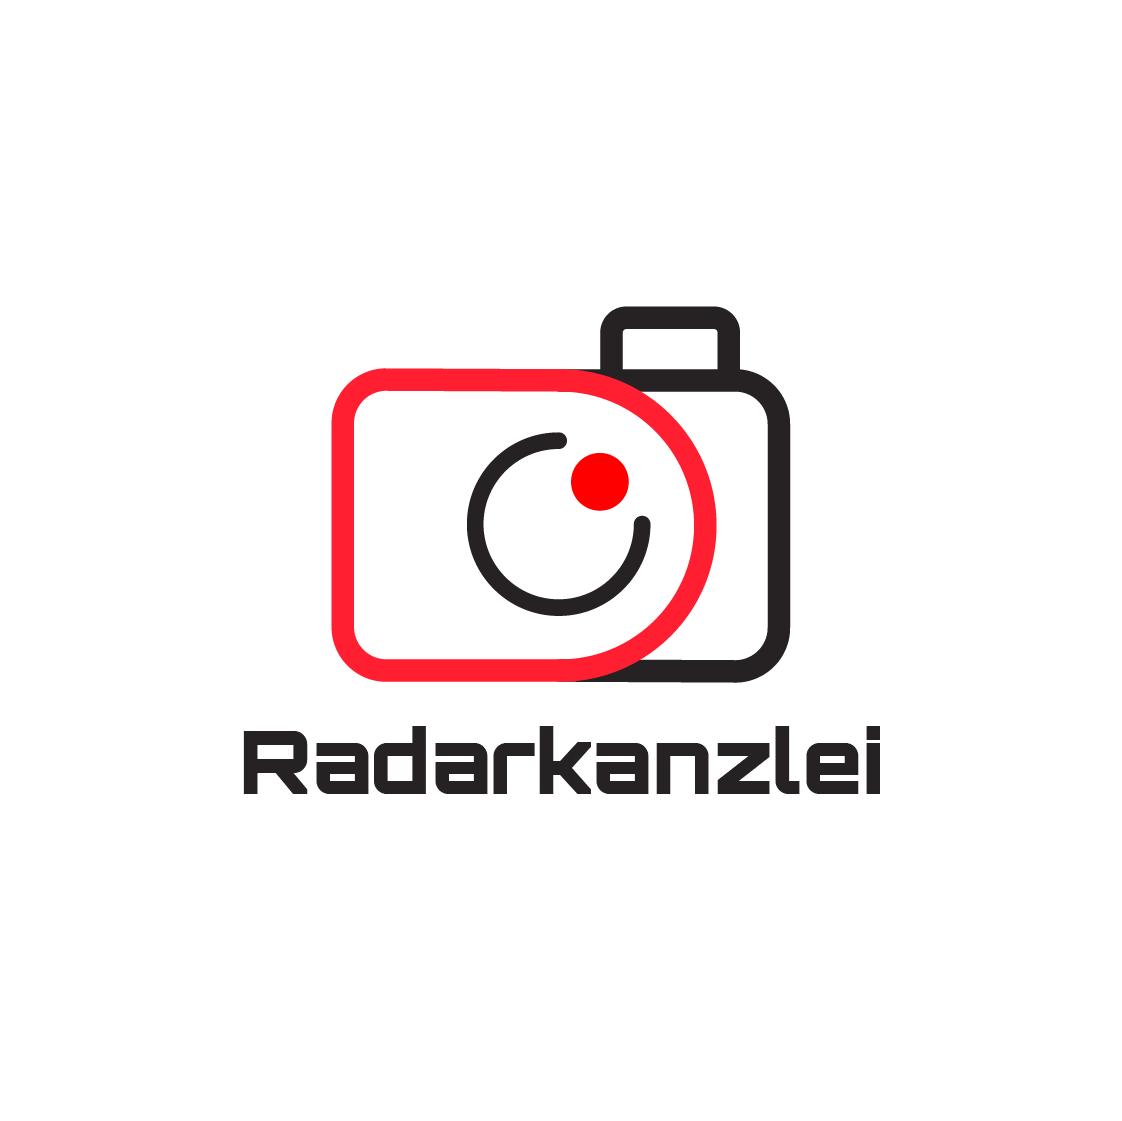 Radarkanzlei.de